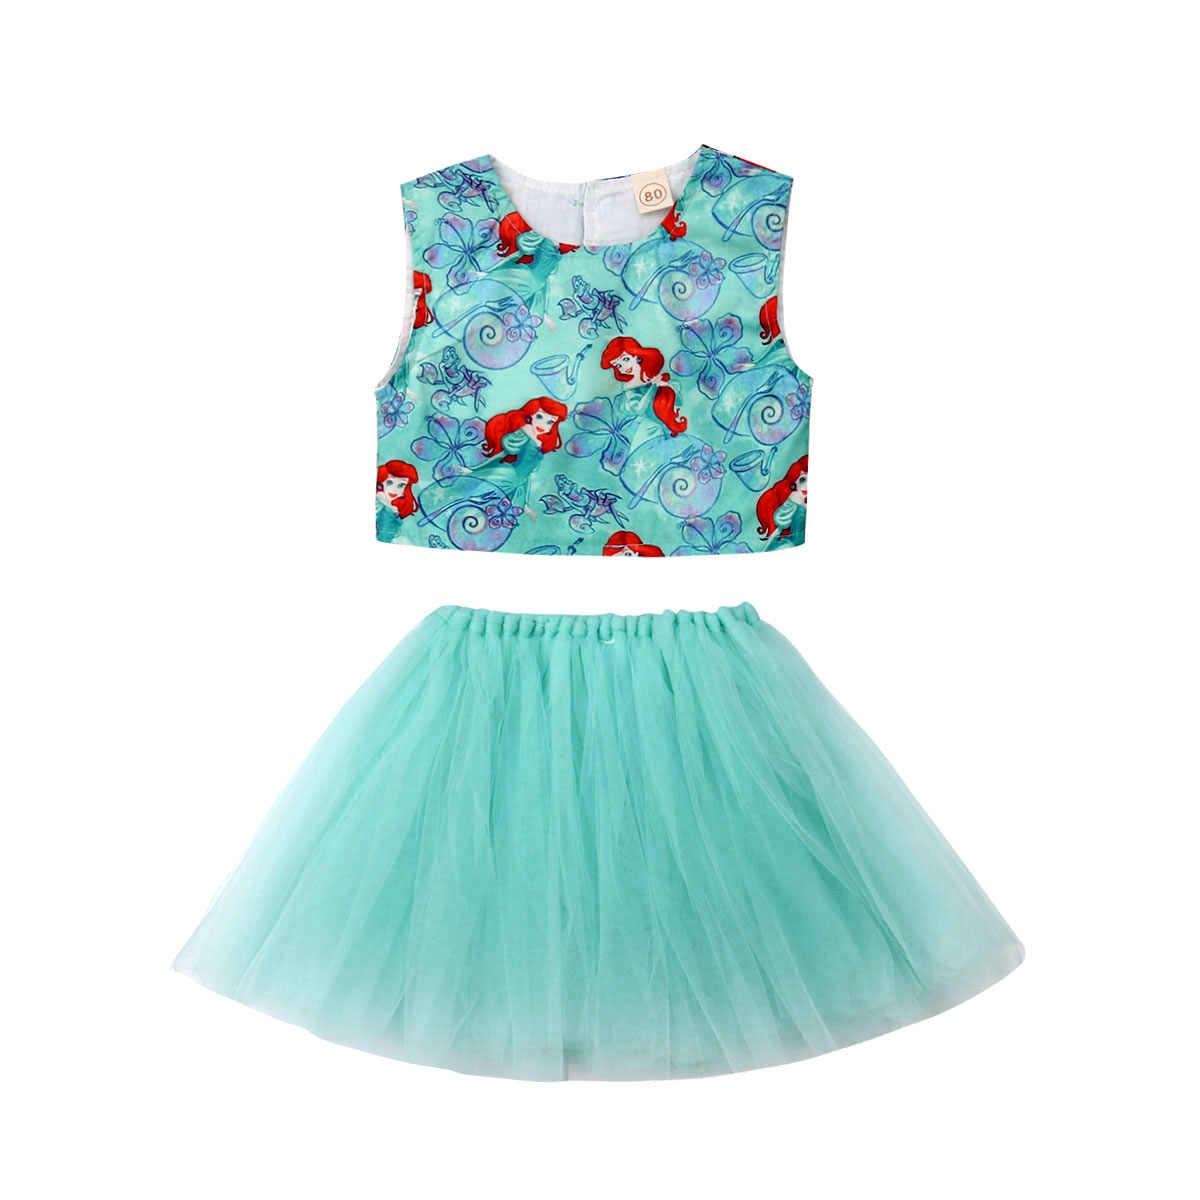 Жилет русалки новые детские для маленьких девочек 2019 Топы пачка фатиновая юбка 2 шт. наряды летнее платье комплект одежды